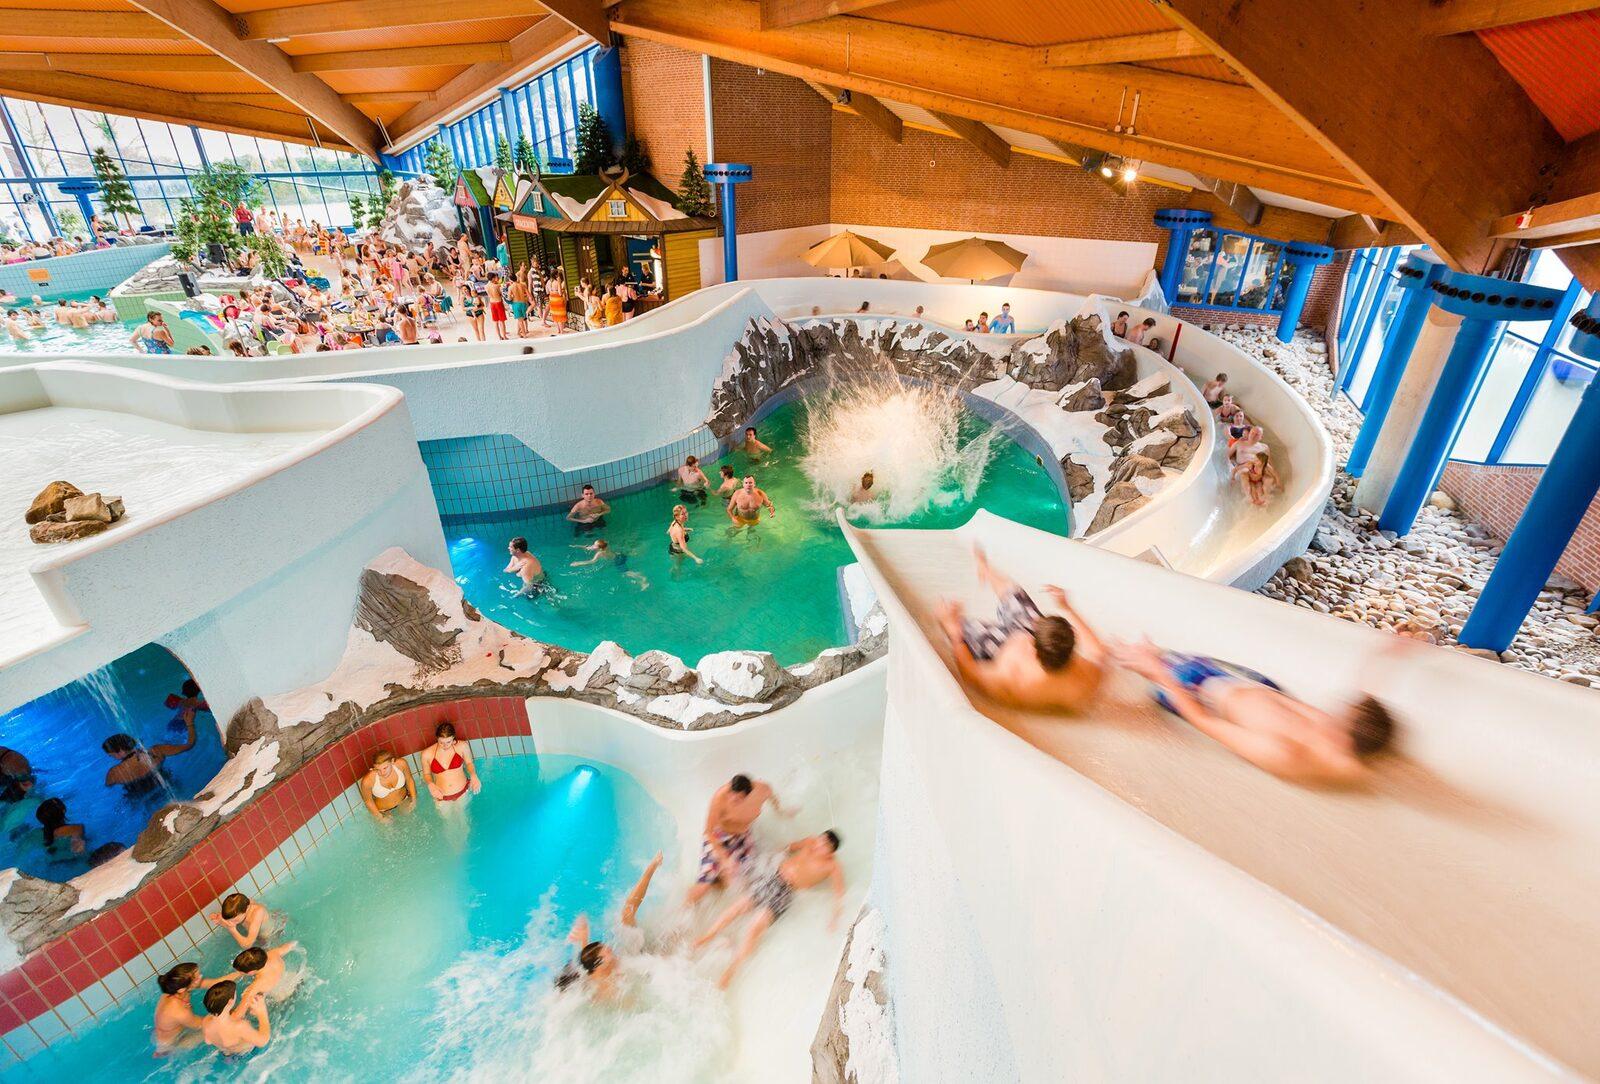 Subtropical swimming paradise De Scheg